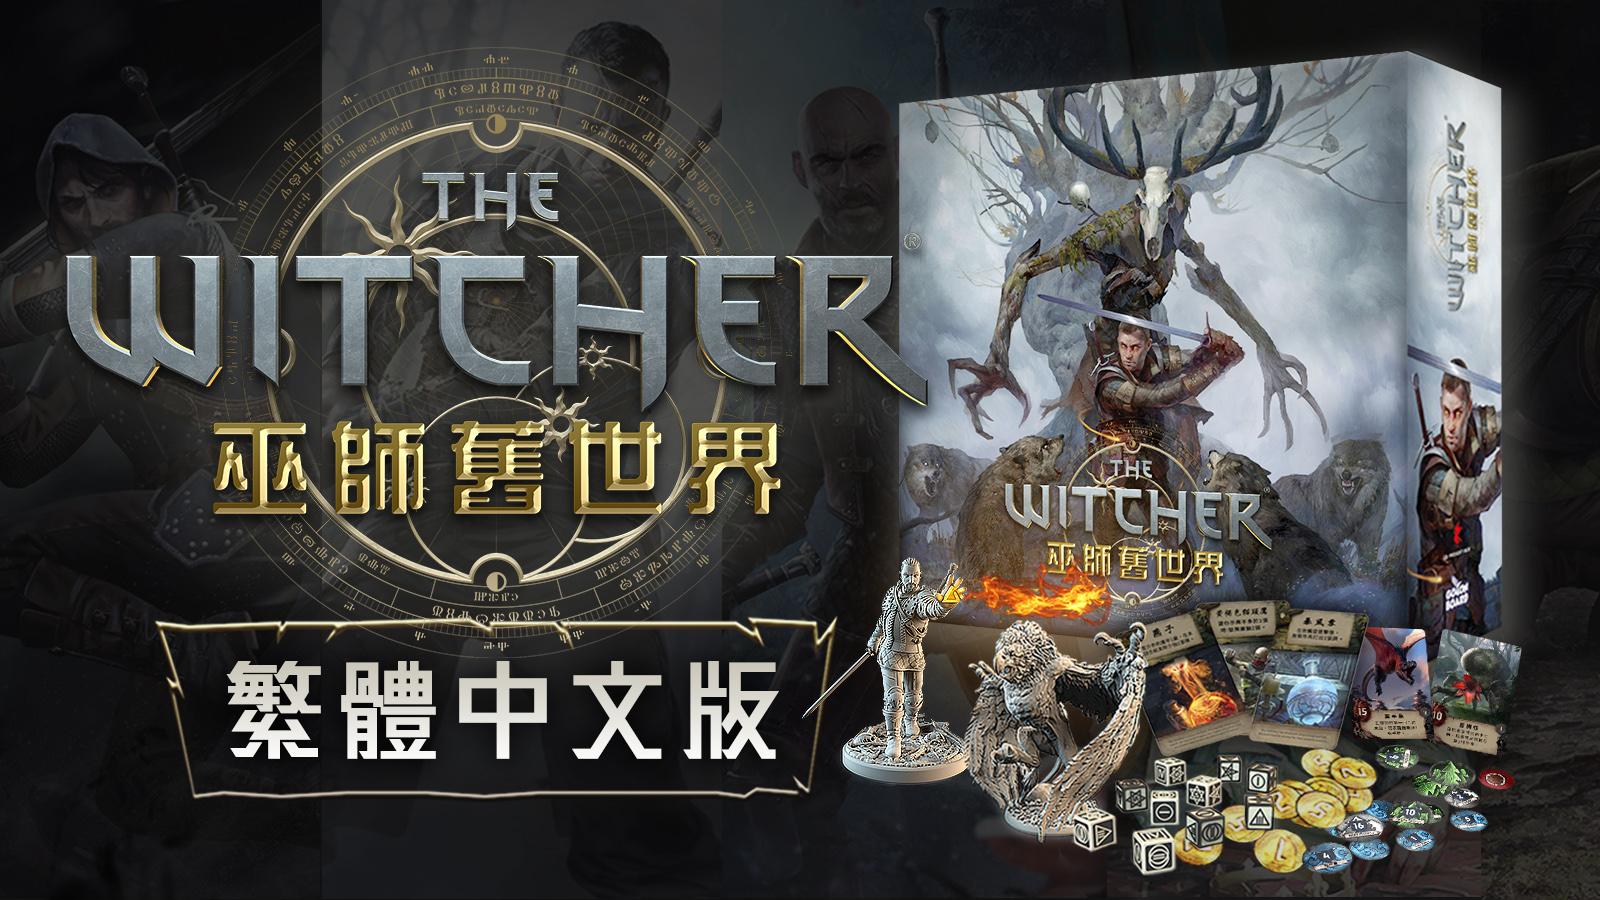 《巫師舊世界》繁體中文版 對不起了錢錢,中文化出版需要你的幫忙!